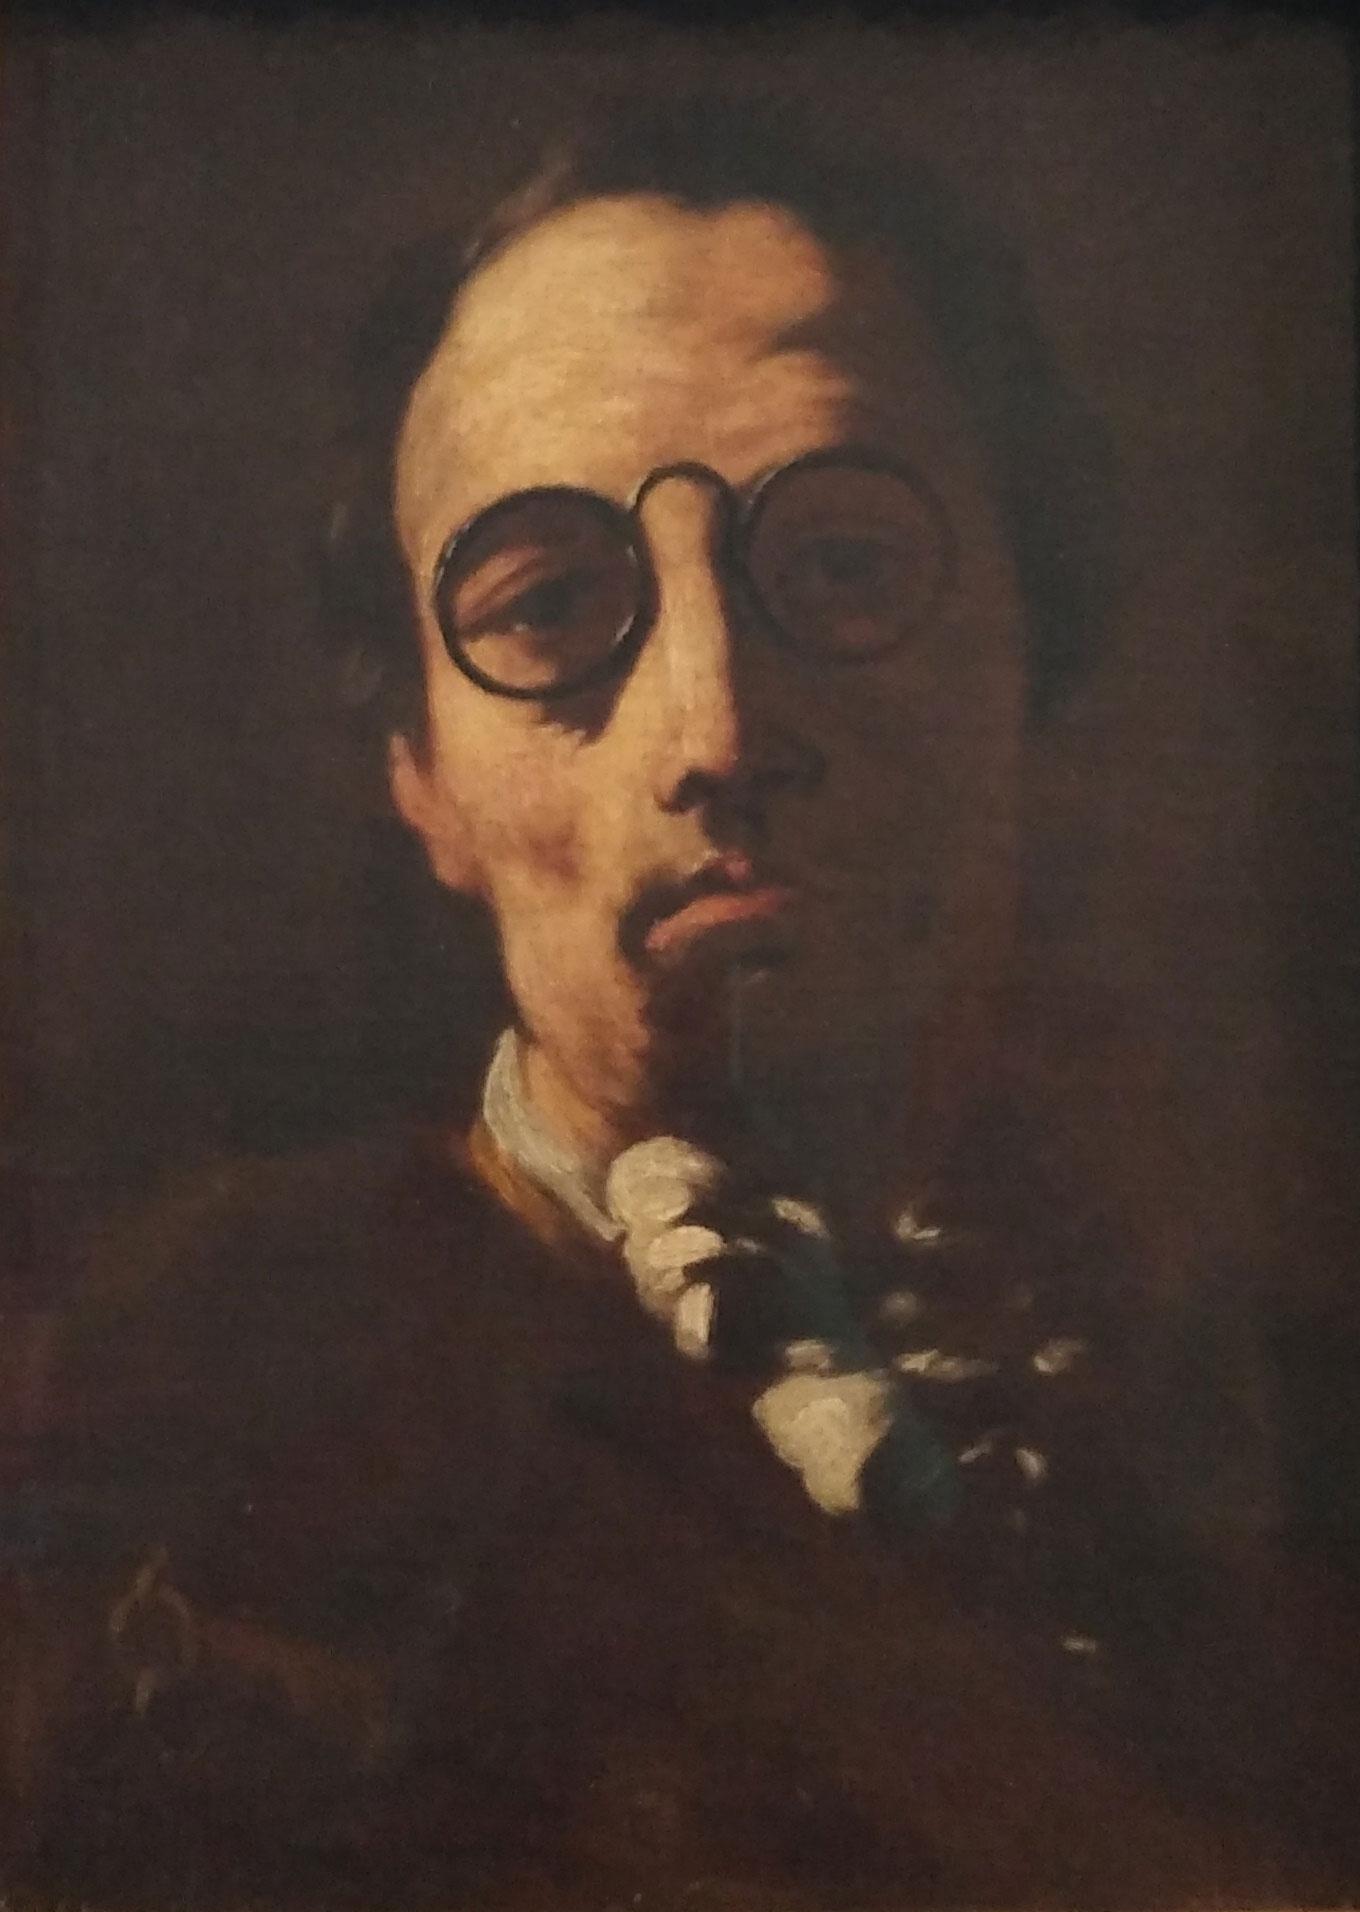 autoportrait de l'artiste avec des lunettes